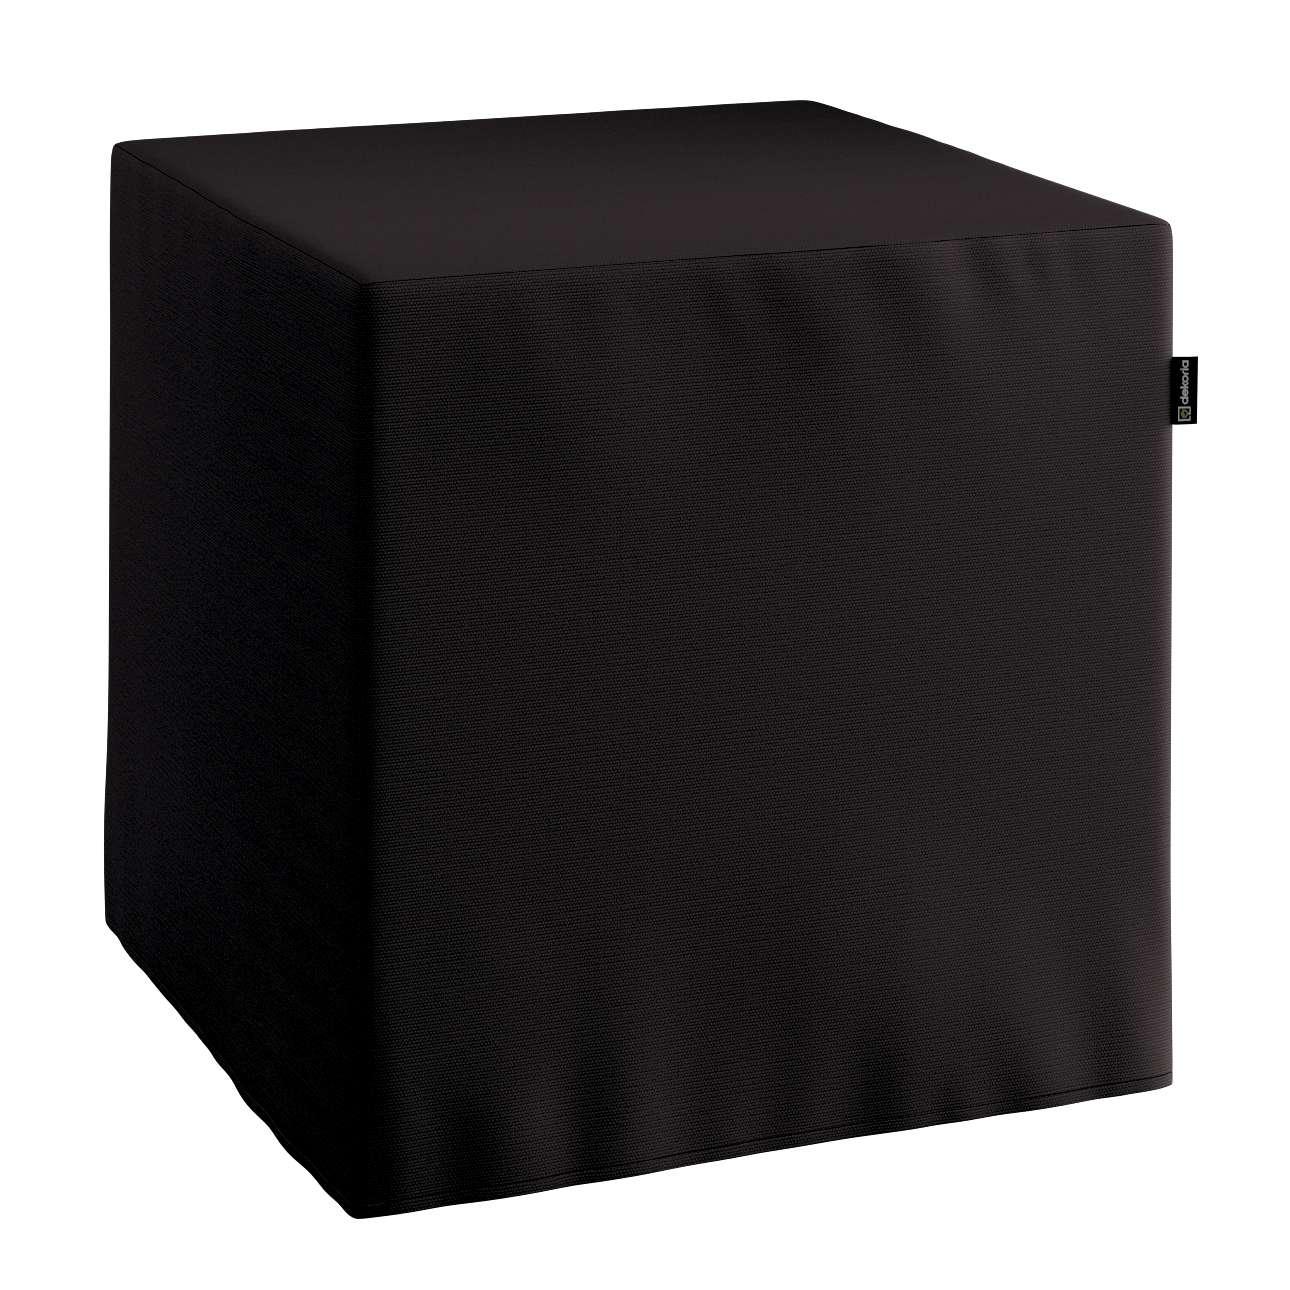 Sedák Cube - kostka pevná 40x40x40 v kolekci Cotton Panama, látka: 702-09